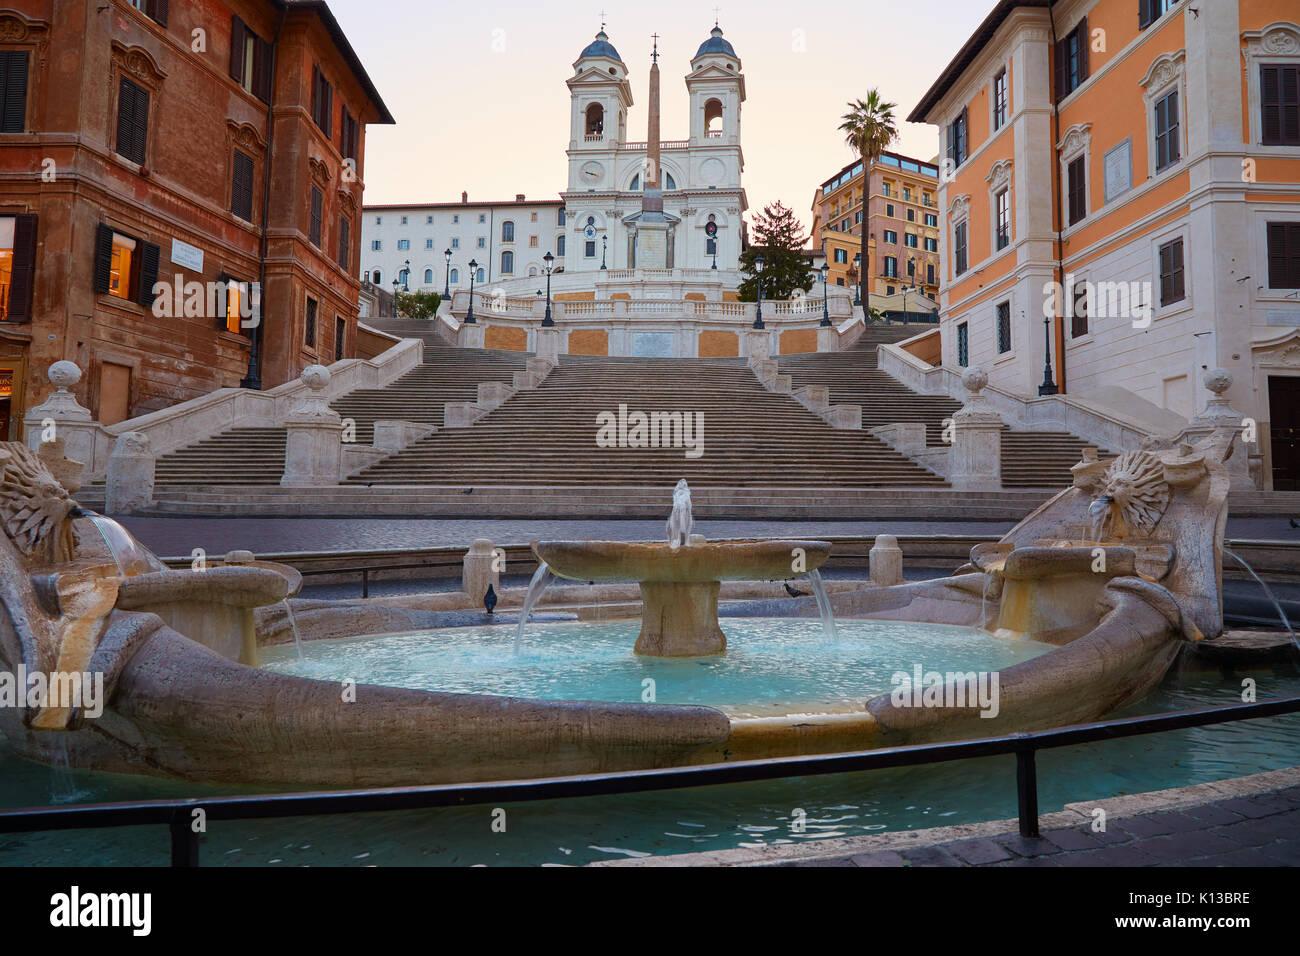 Die Spanische Treppe und Brunnen in Rom, Italien in den frühen Morgen ohne Menschen Stockfoto